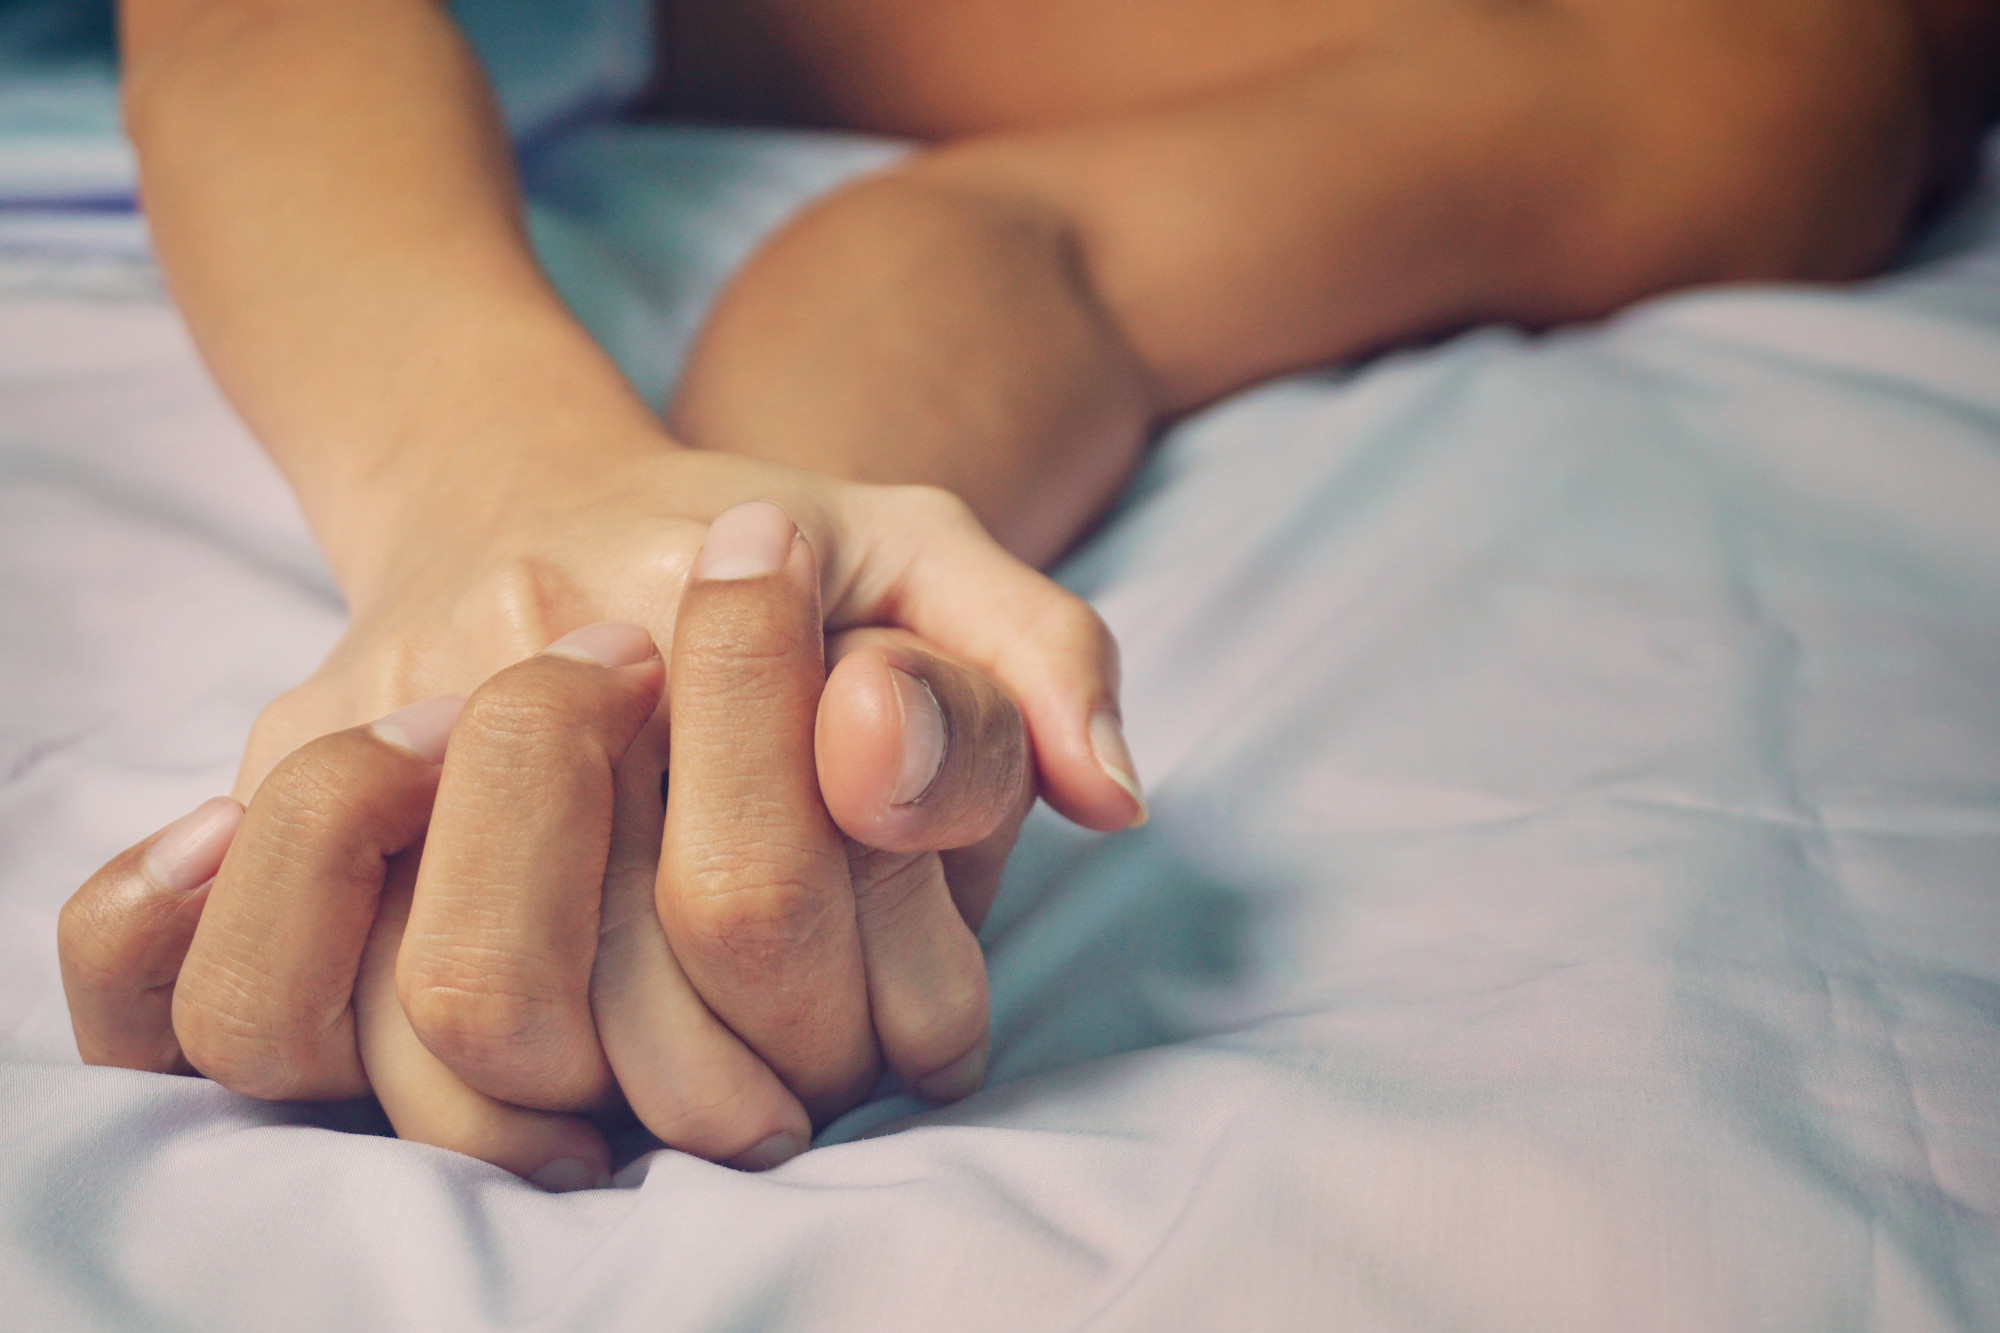 Sexe 3 Cliches A Bannir Sur L Orgasme Masculin